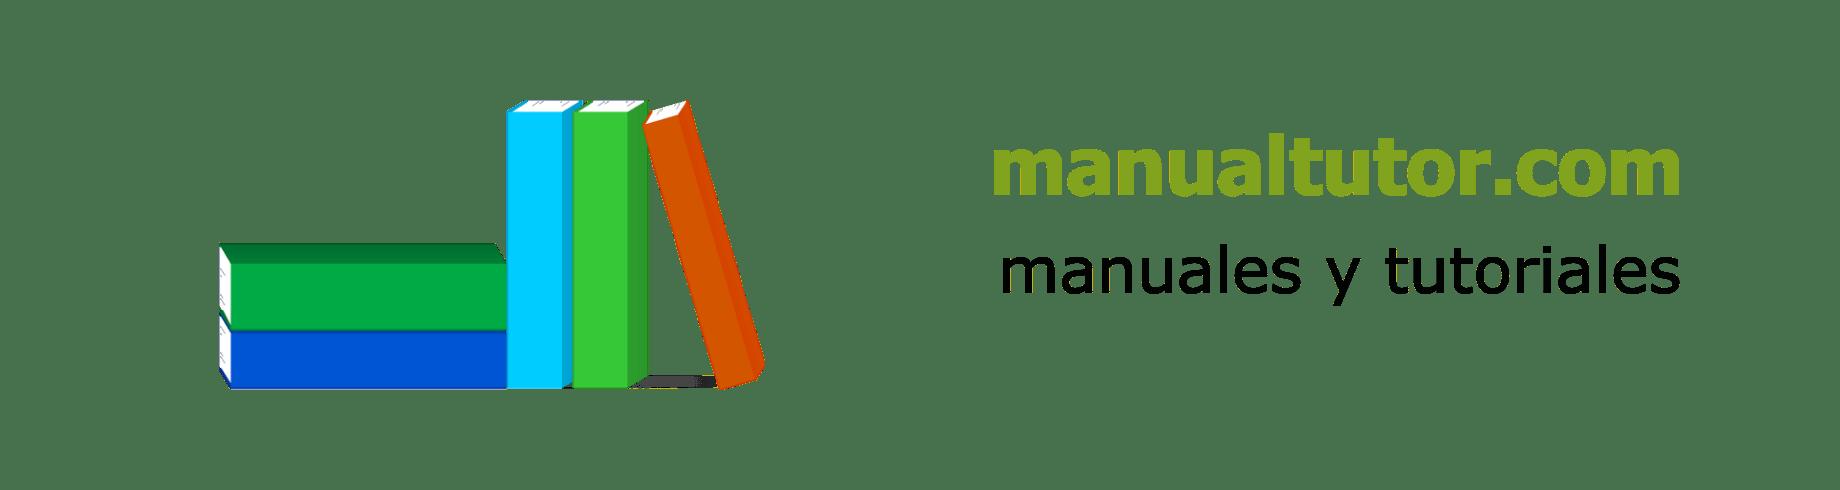 MANUALTUTOR | Manual Tutorial